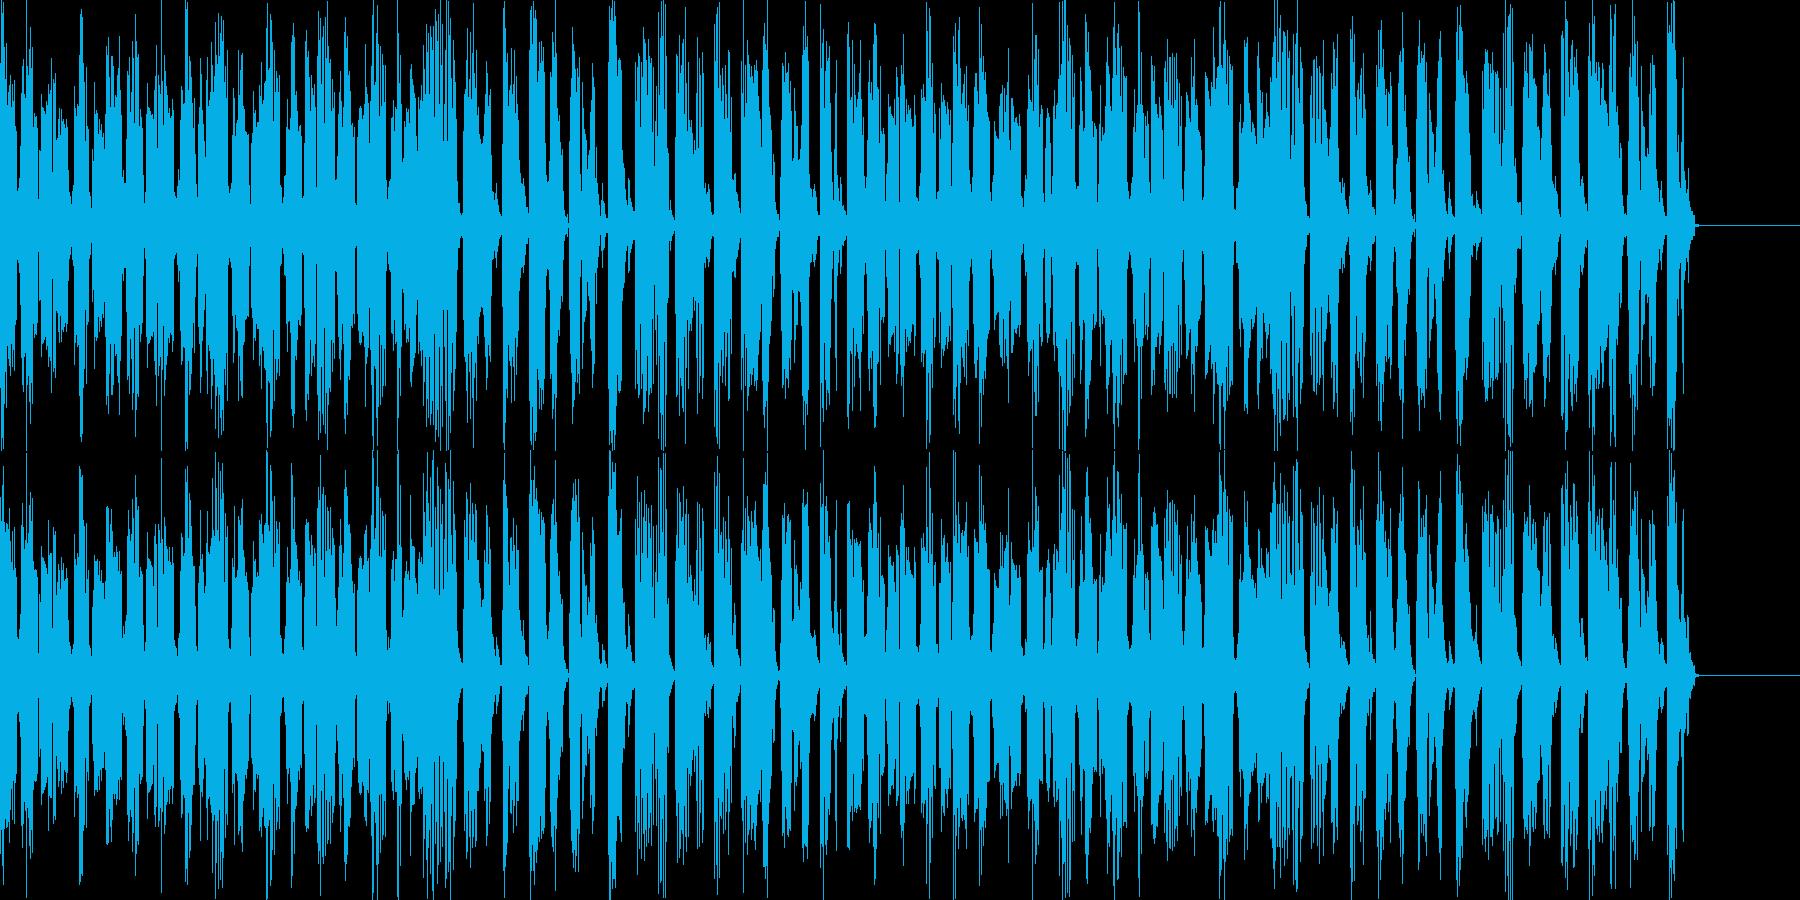 番組、イベント等の待機や説明時にの再生済みの波形